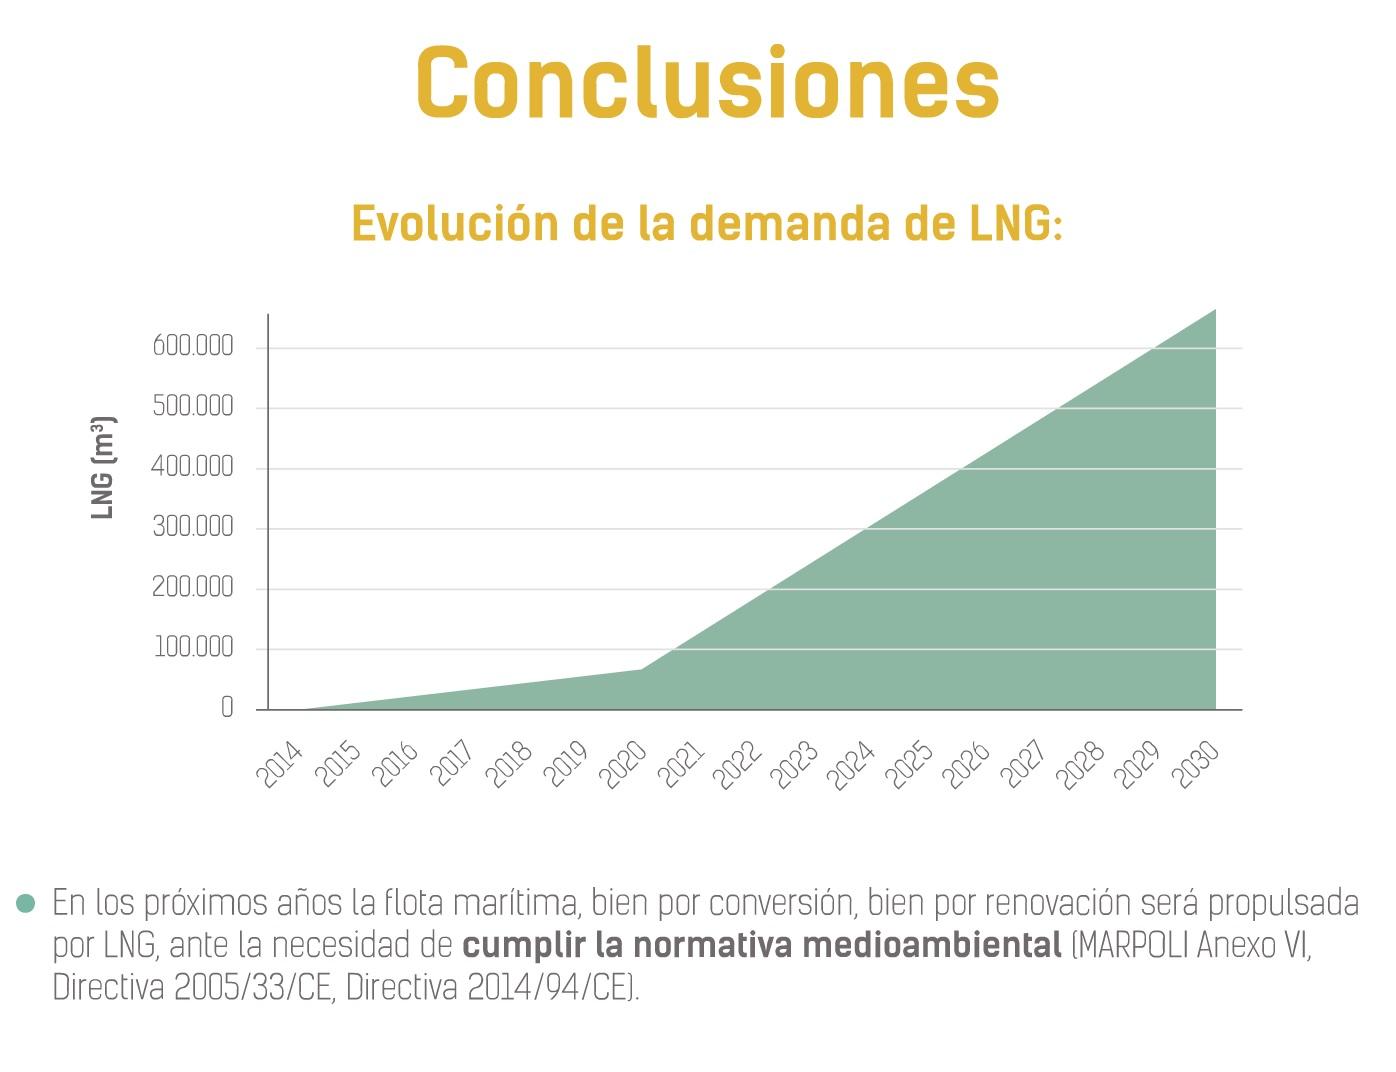 CONCLUSIONES EVOLUCIÓN DE LA DEMANDA DE LNG